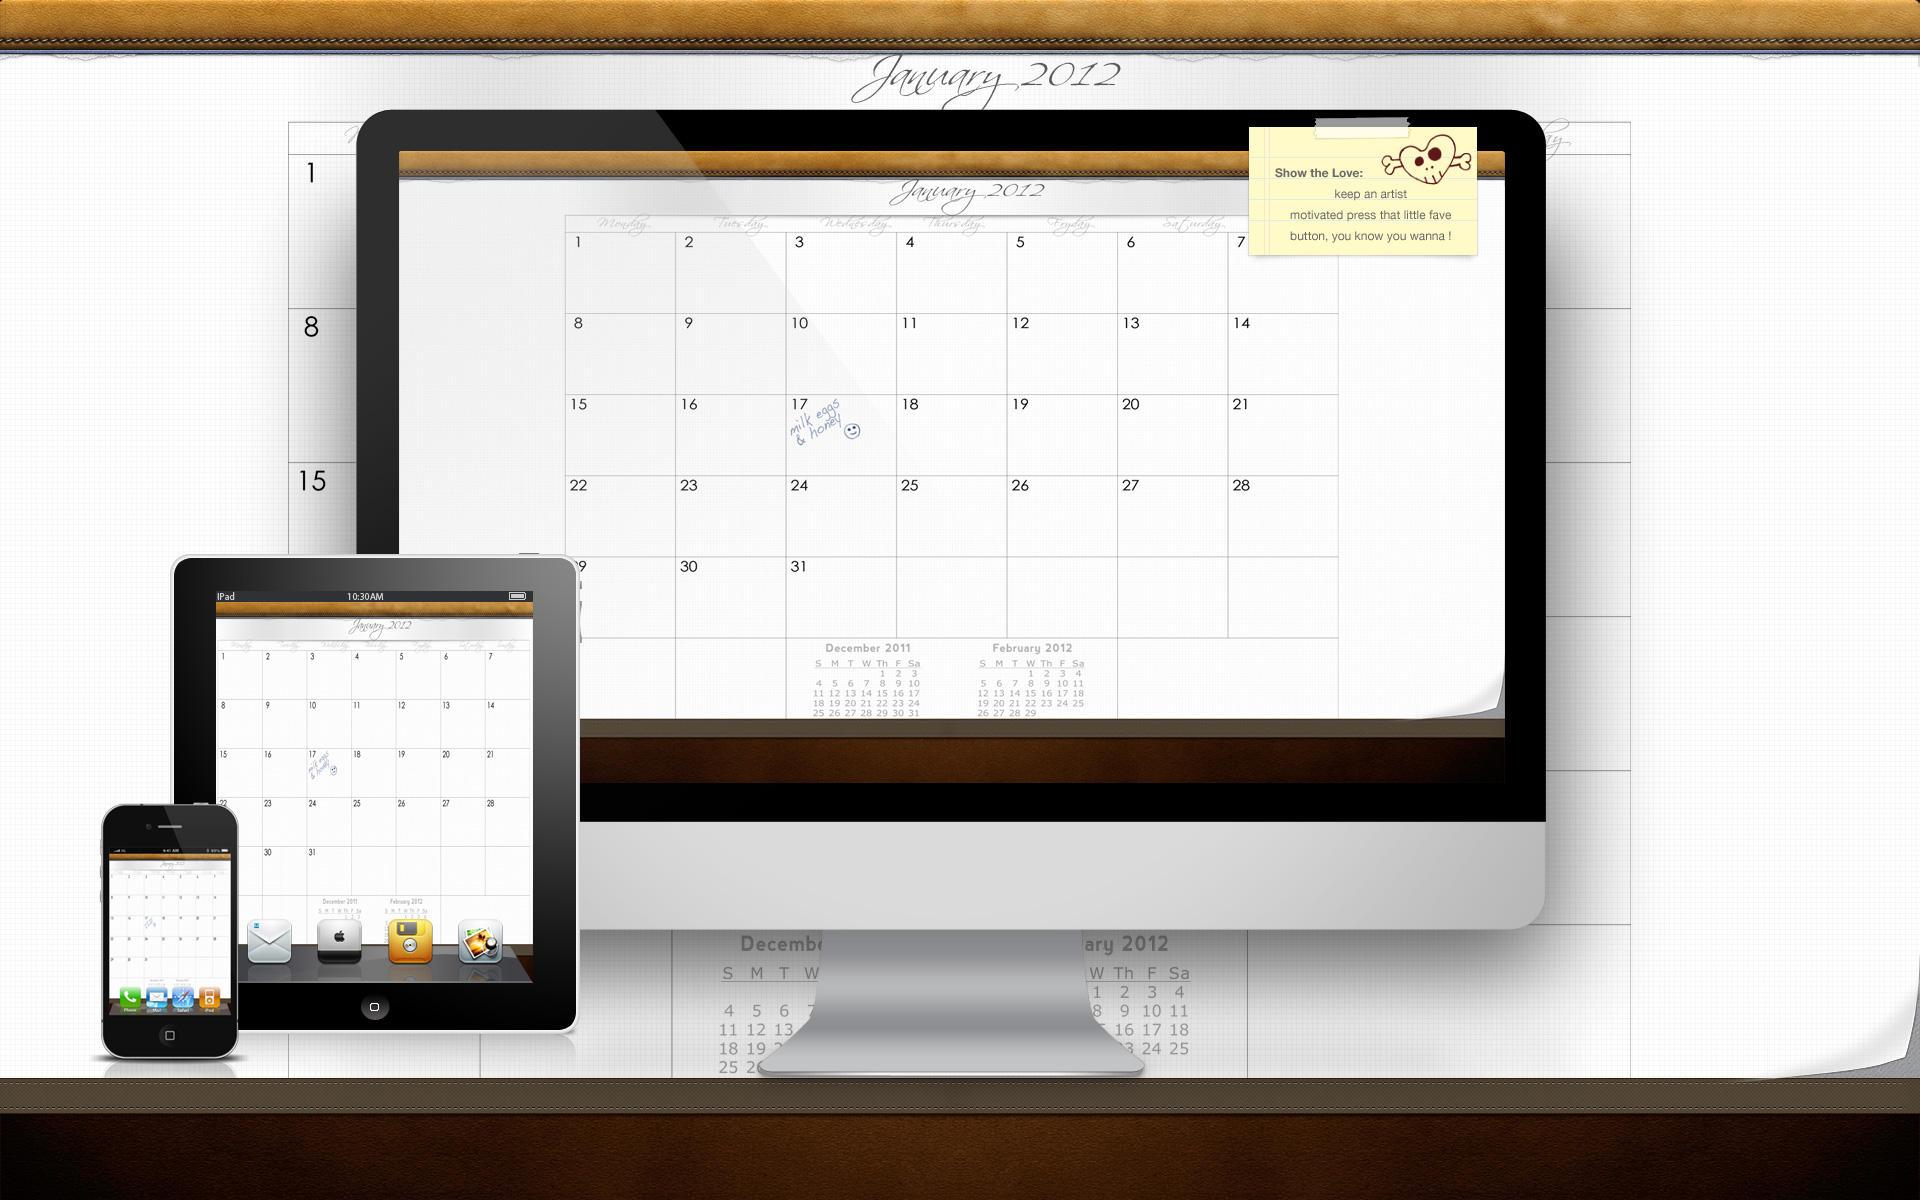 2012 January Calendar by IanWoods